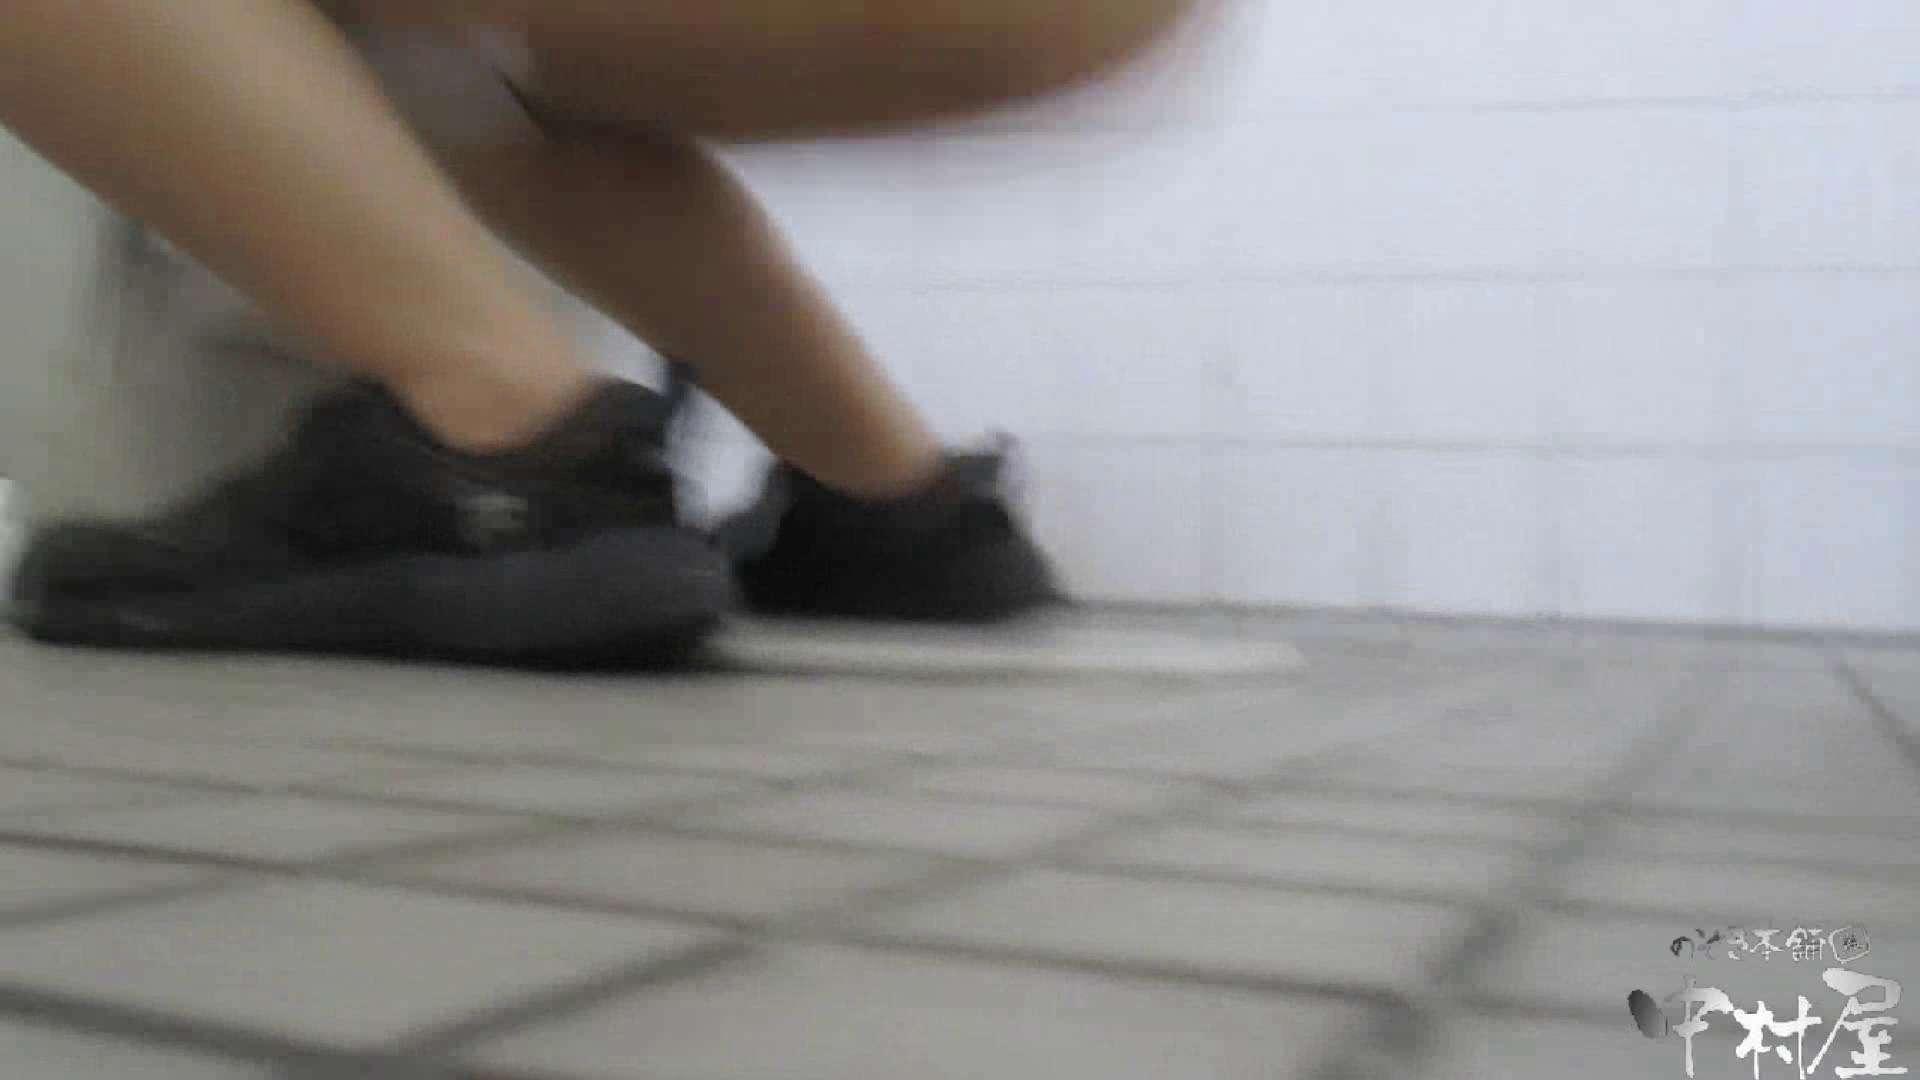 魂のかわや盗撮62連発! 運動靴の女! 37発目! 黄金水 | 盗撮シリーズ  92PIX 57